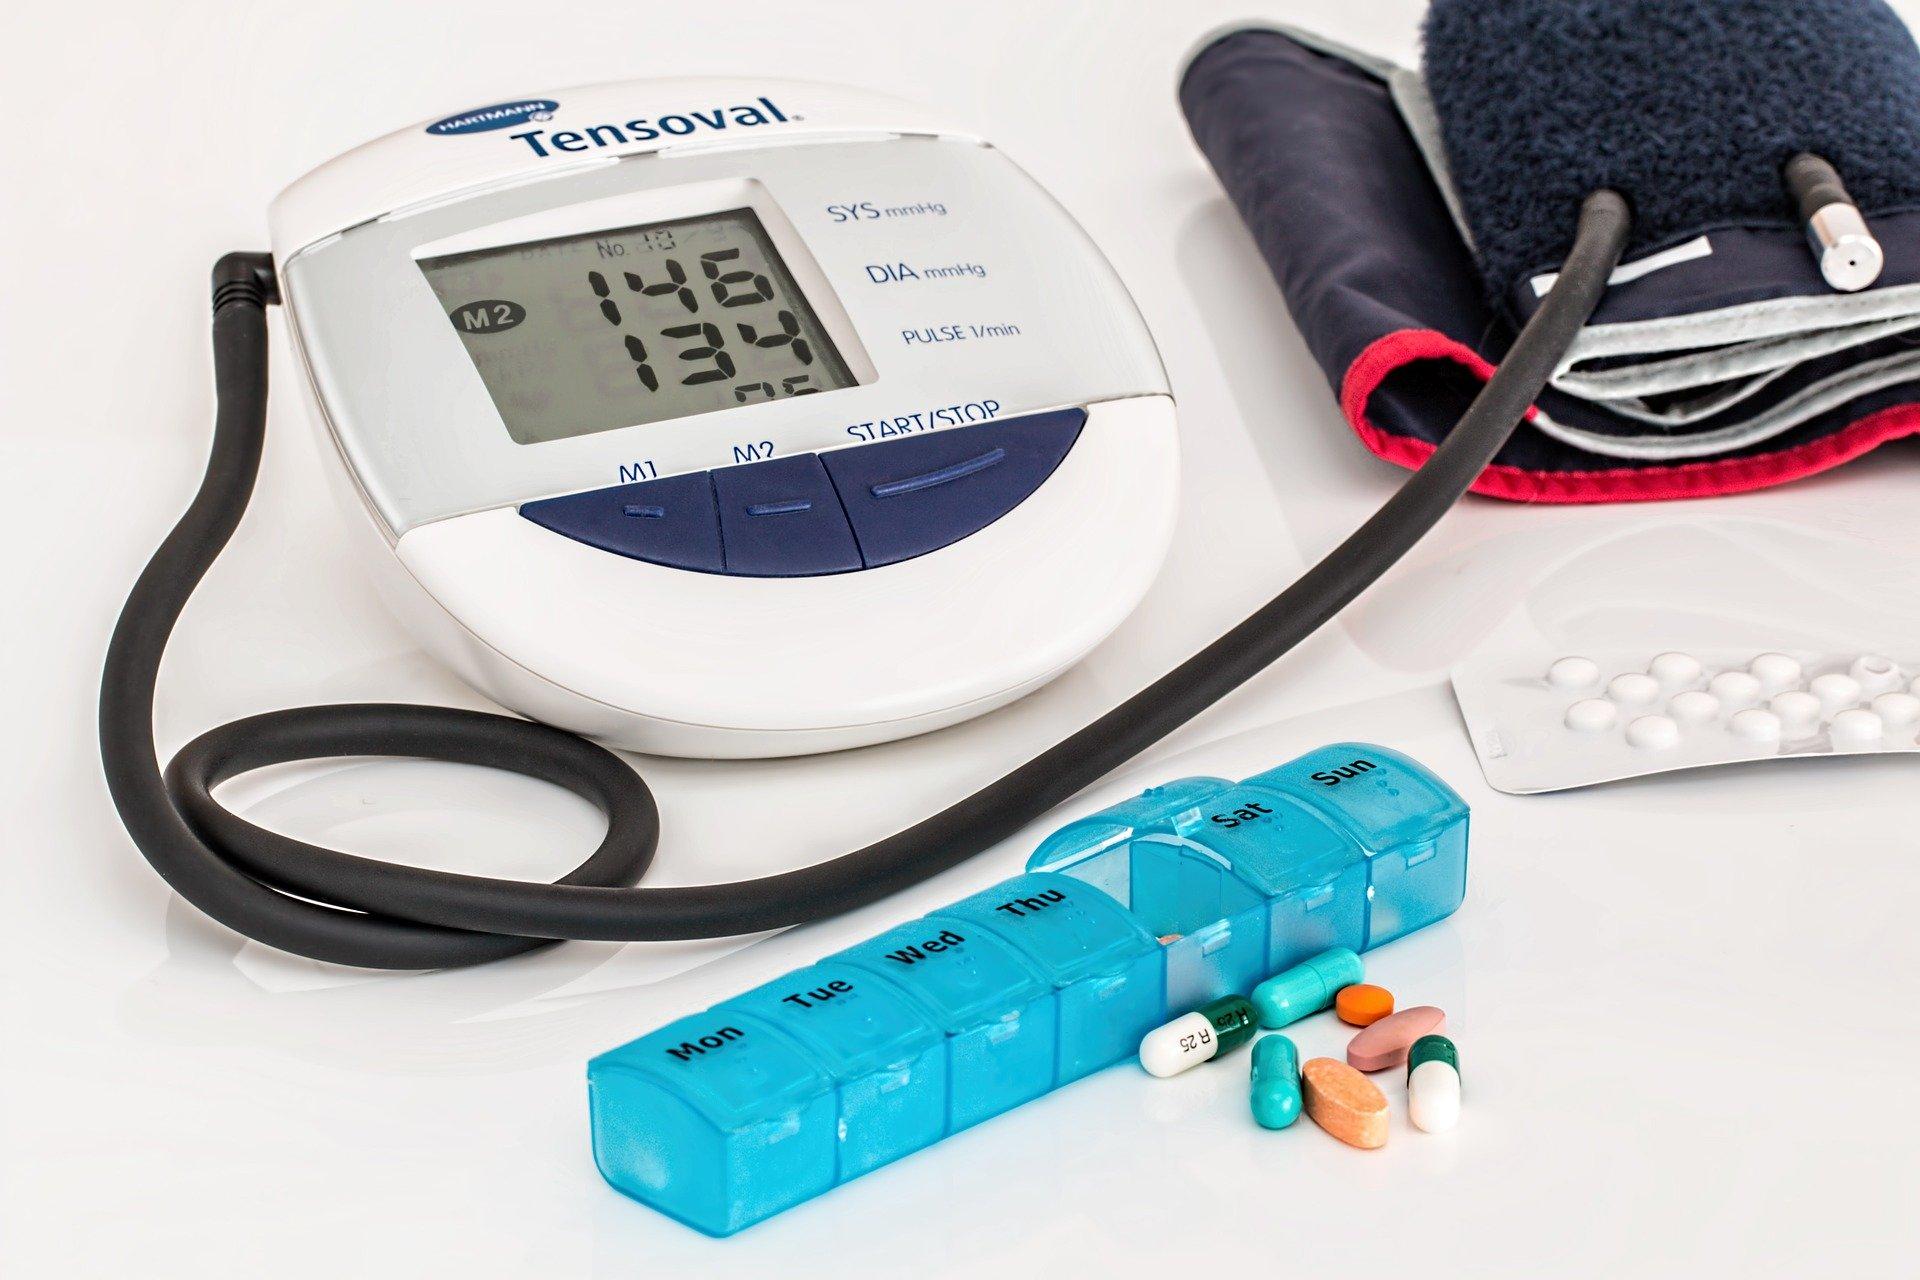 Vysoký krevní tlak nemá příznaky. Proto choďte na preventivní prohlídky.